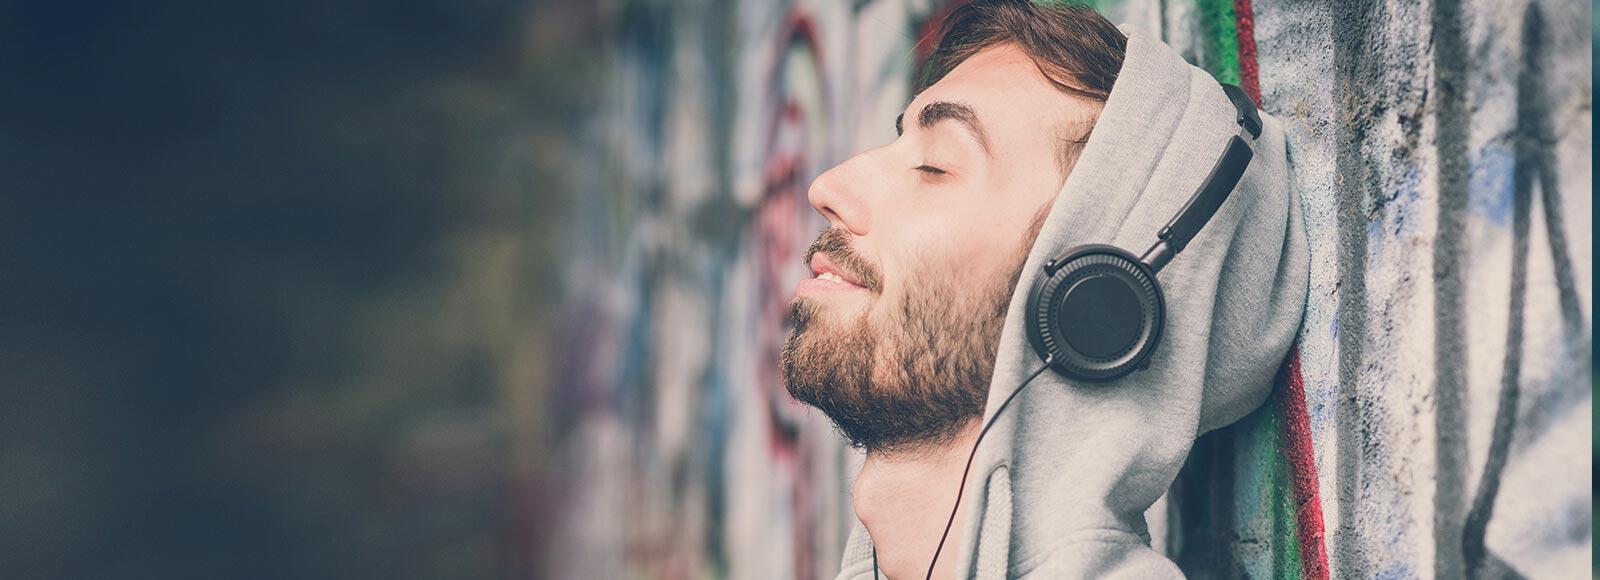 download musik gratis til mobilen